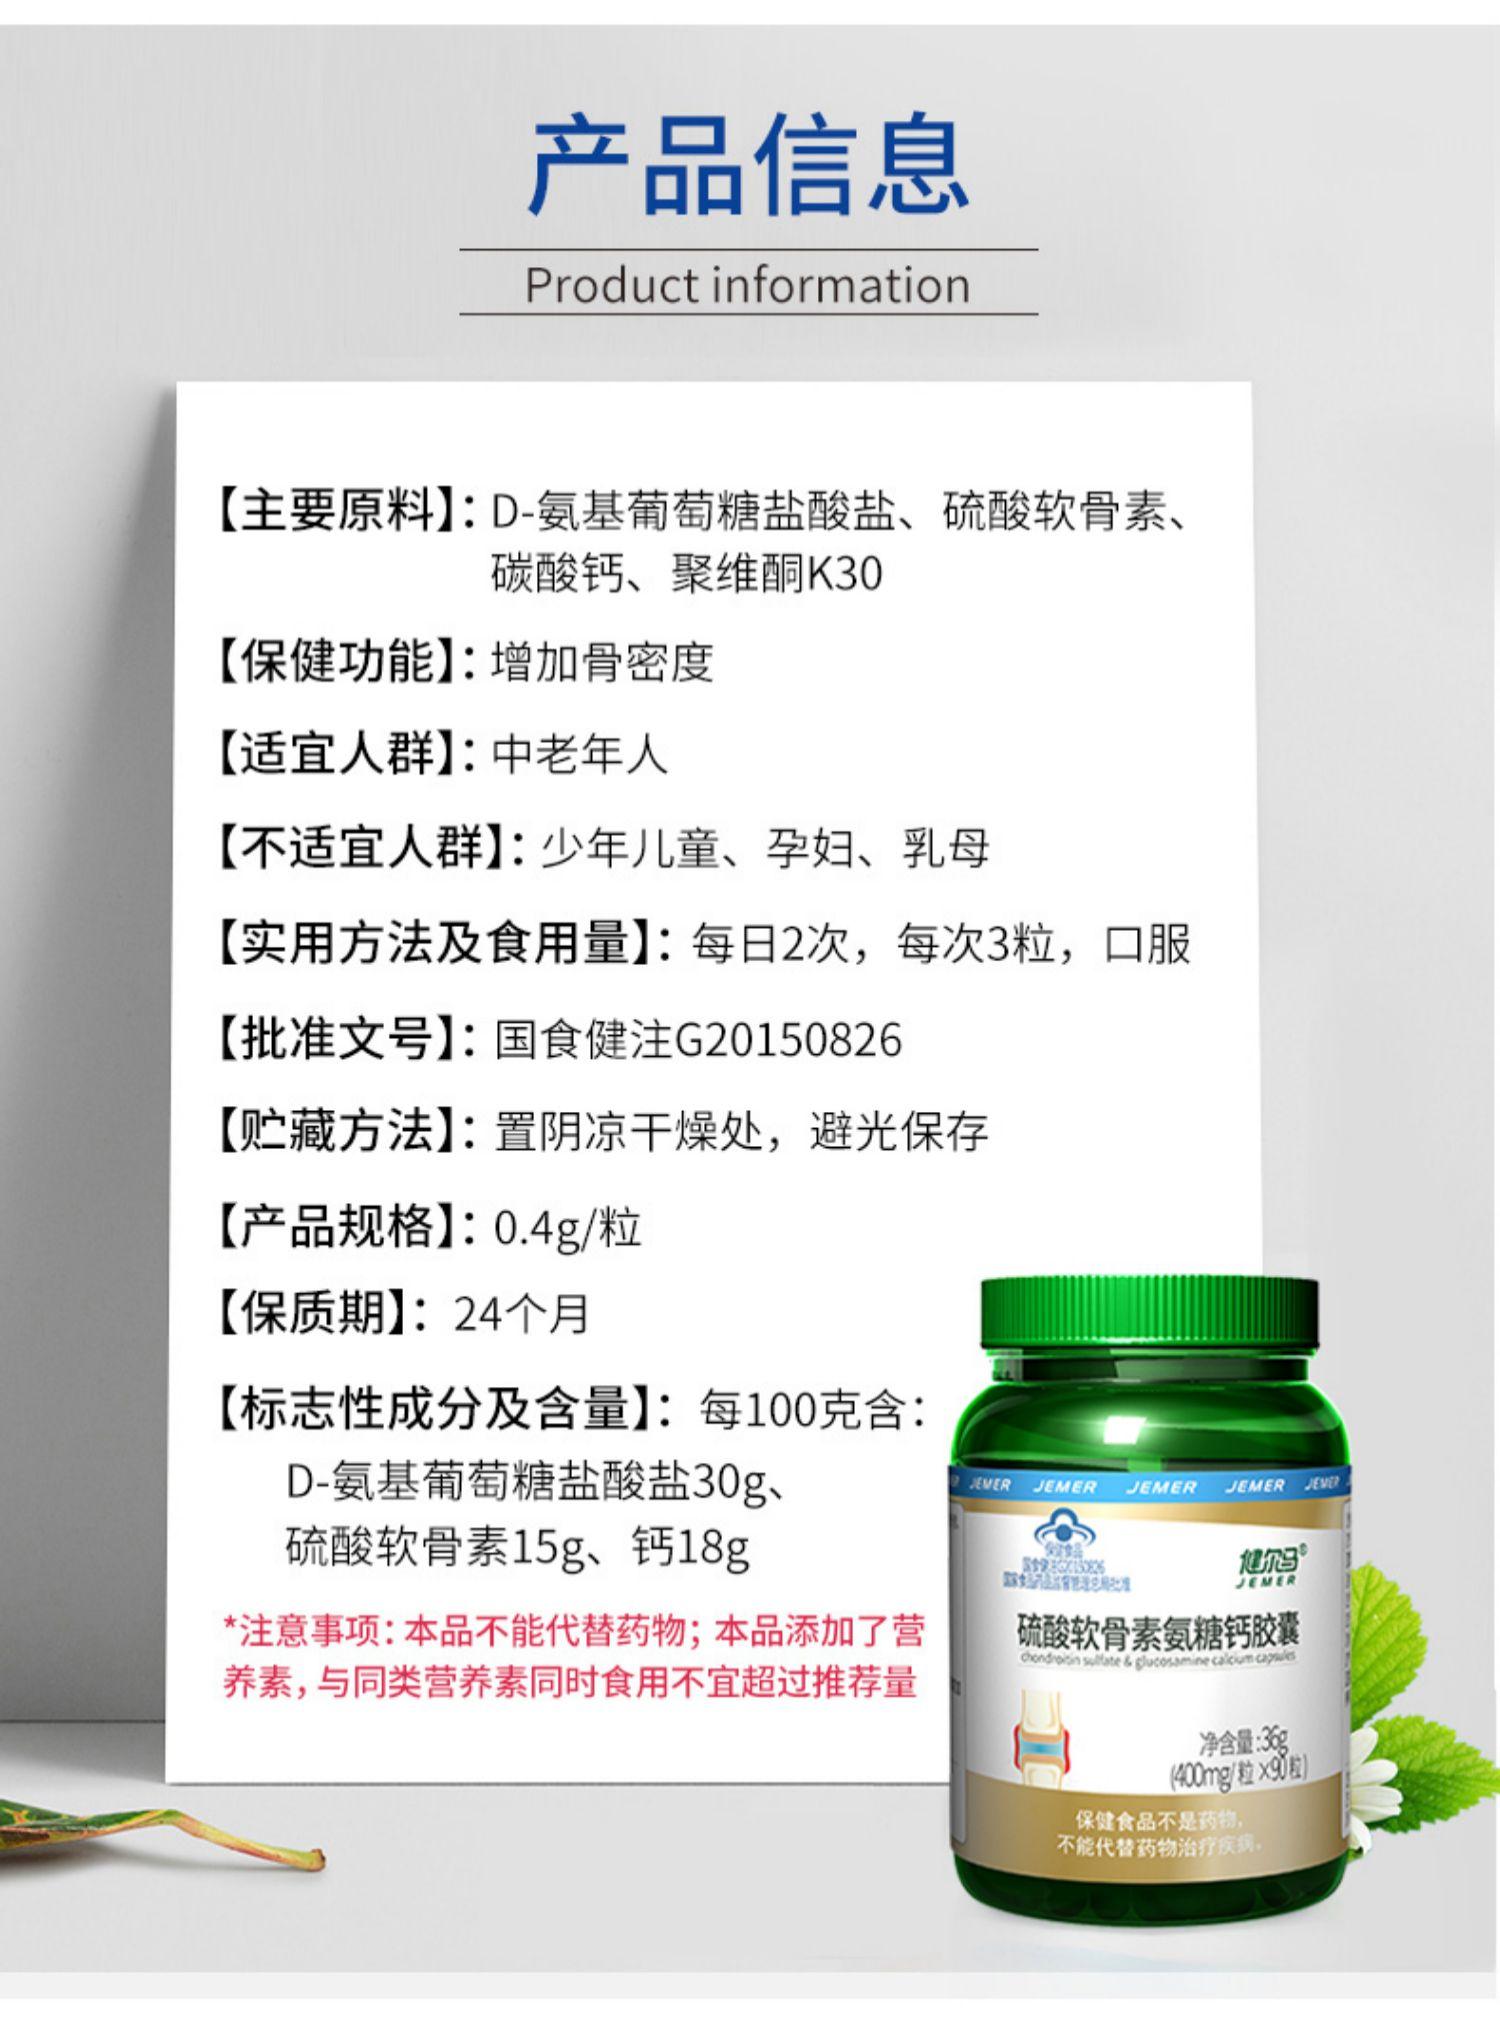 【健尔马】氨糖软骨素加钙胶囊42粒